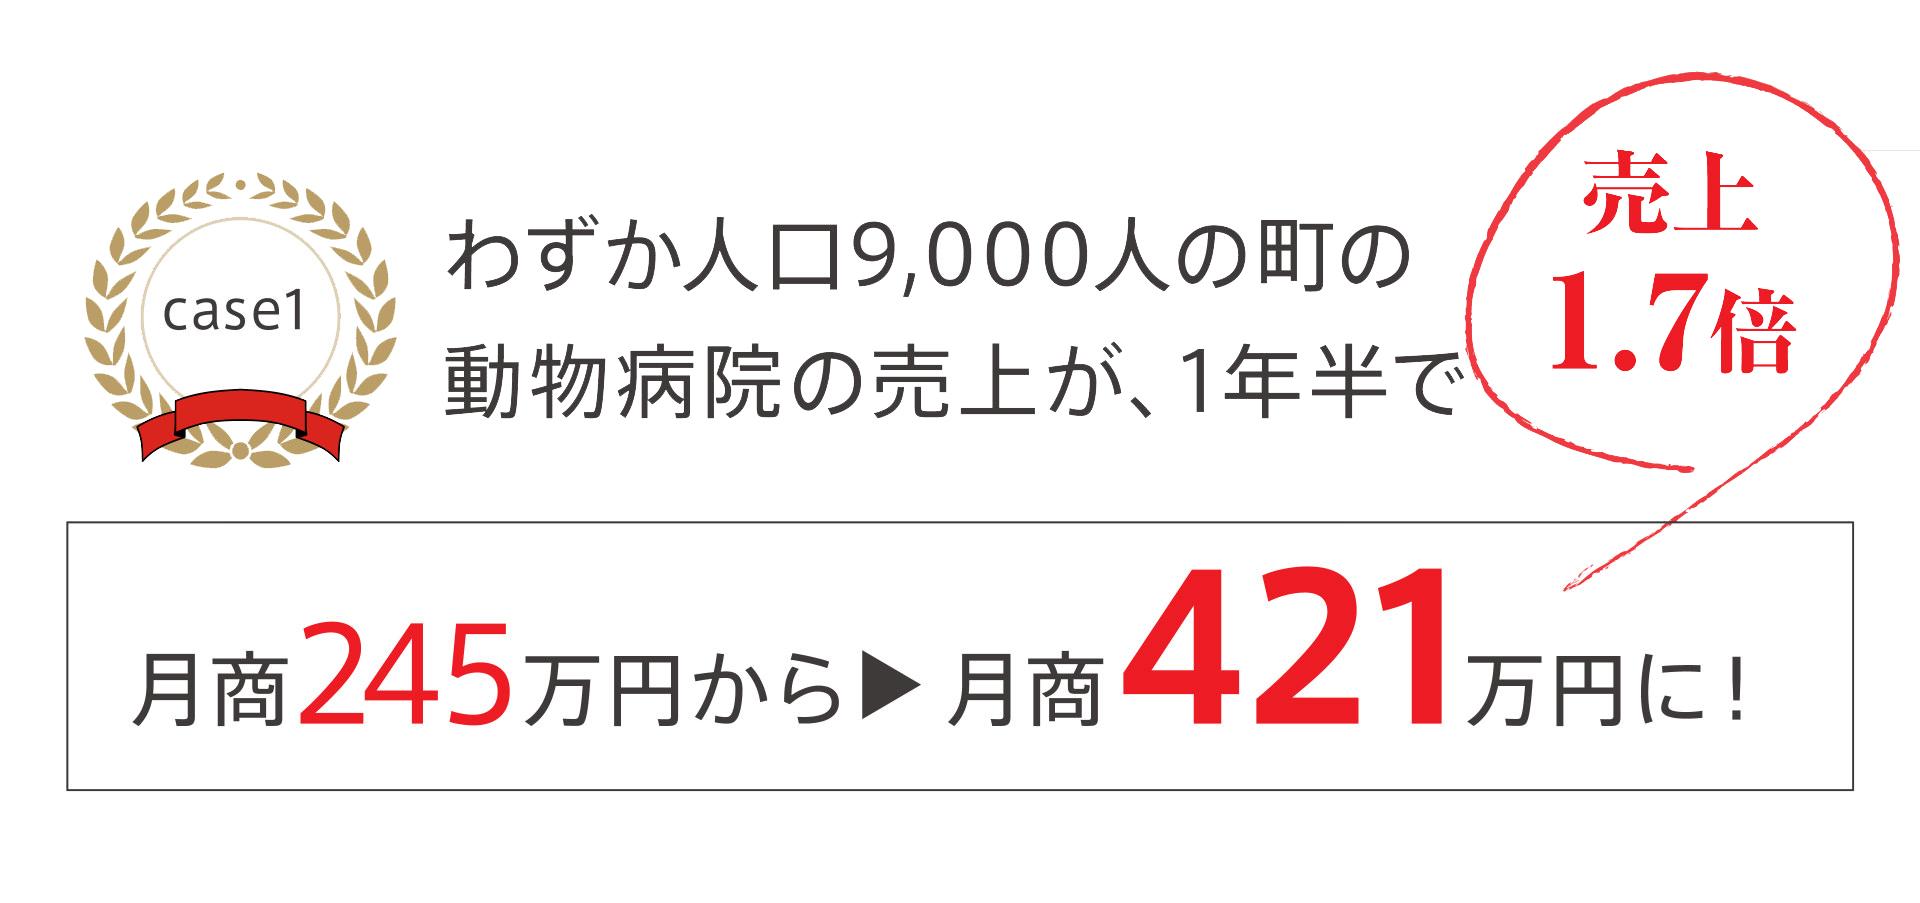 case1_01-1